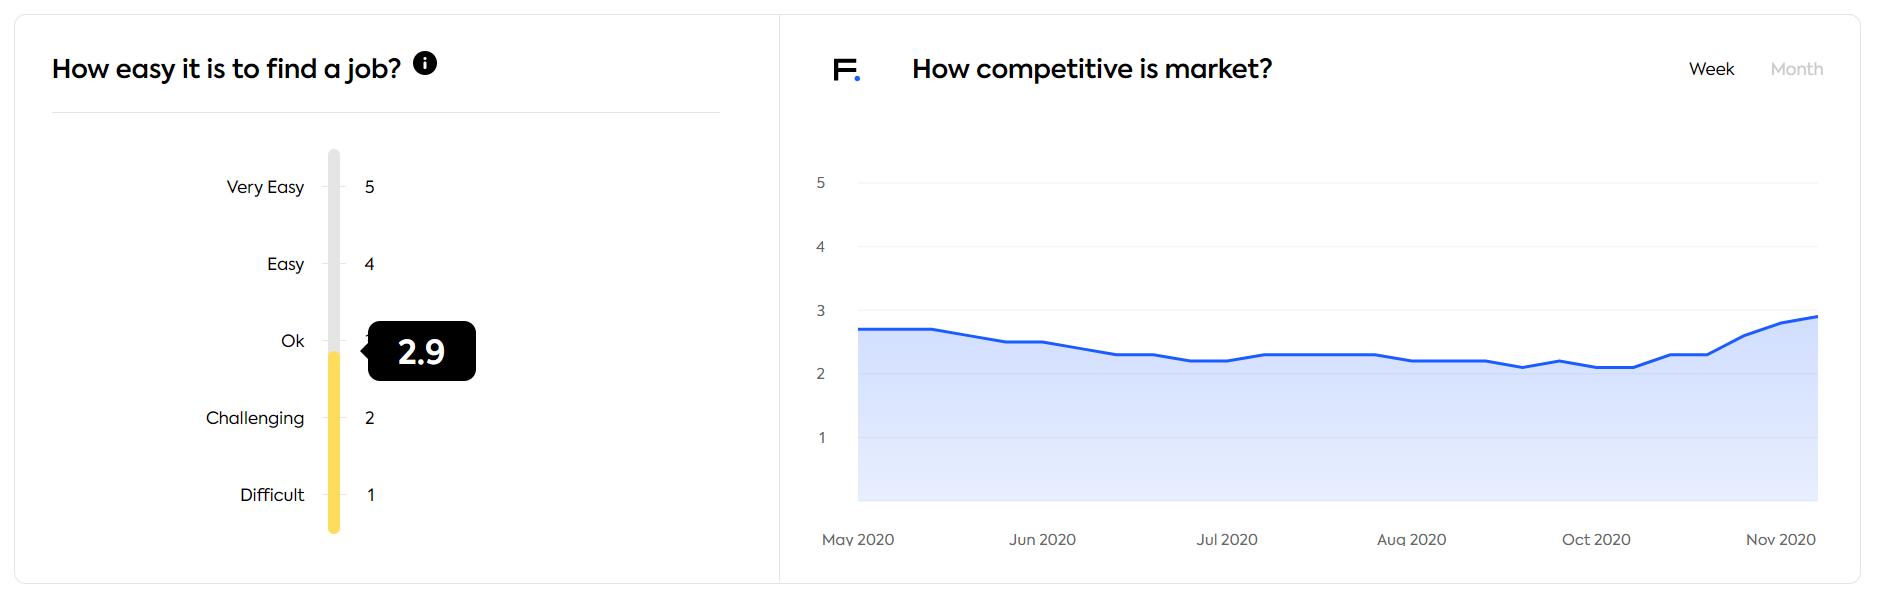 market competitiveness in Estonia